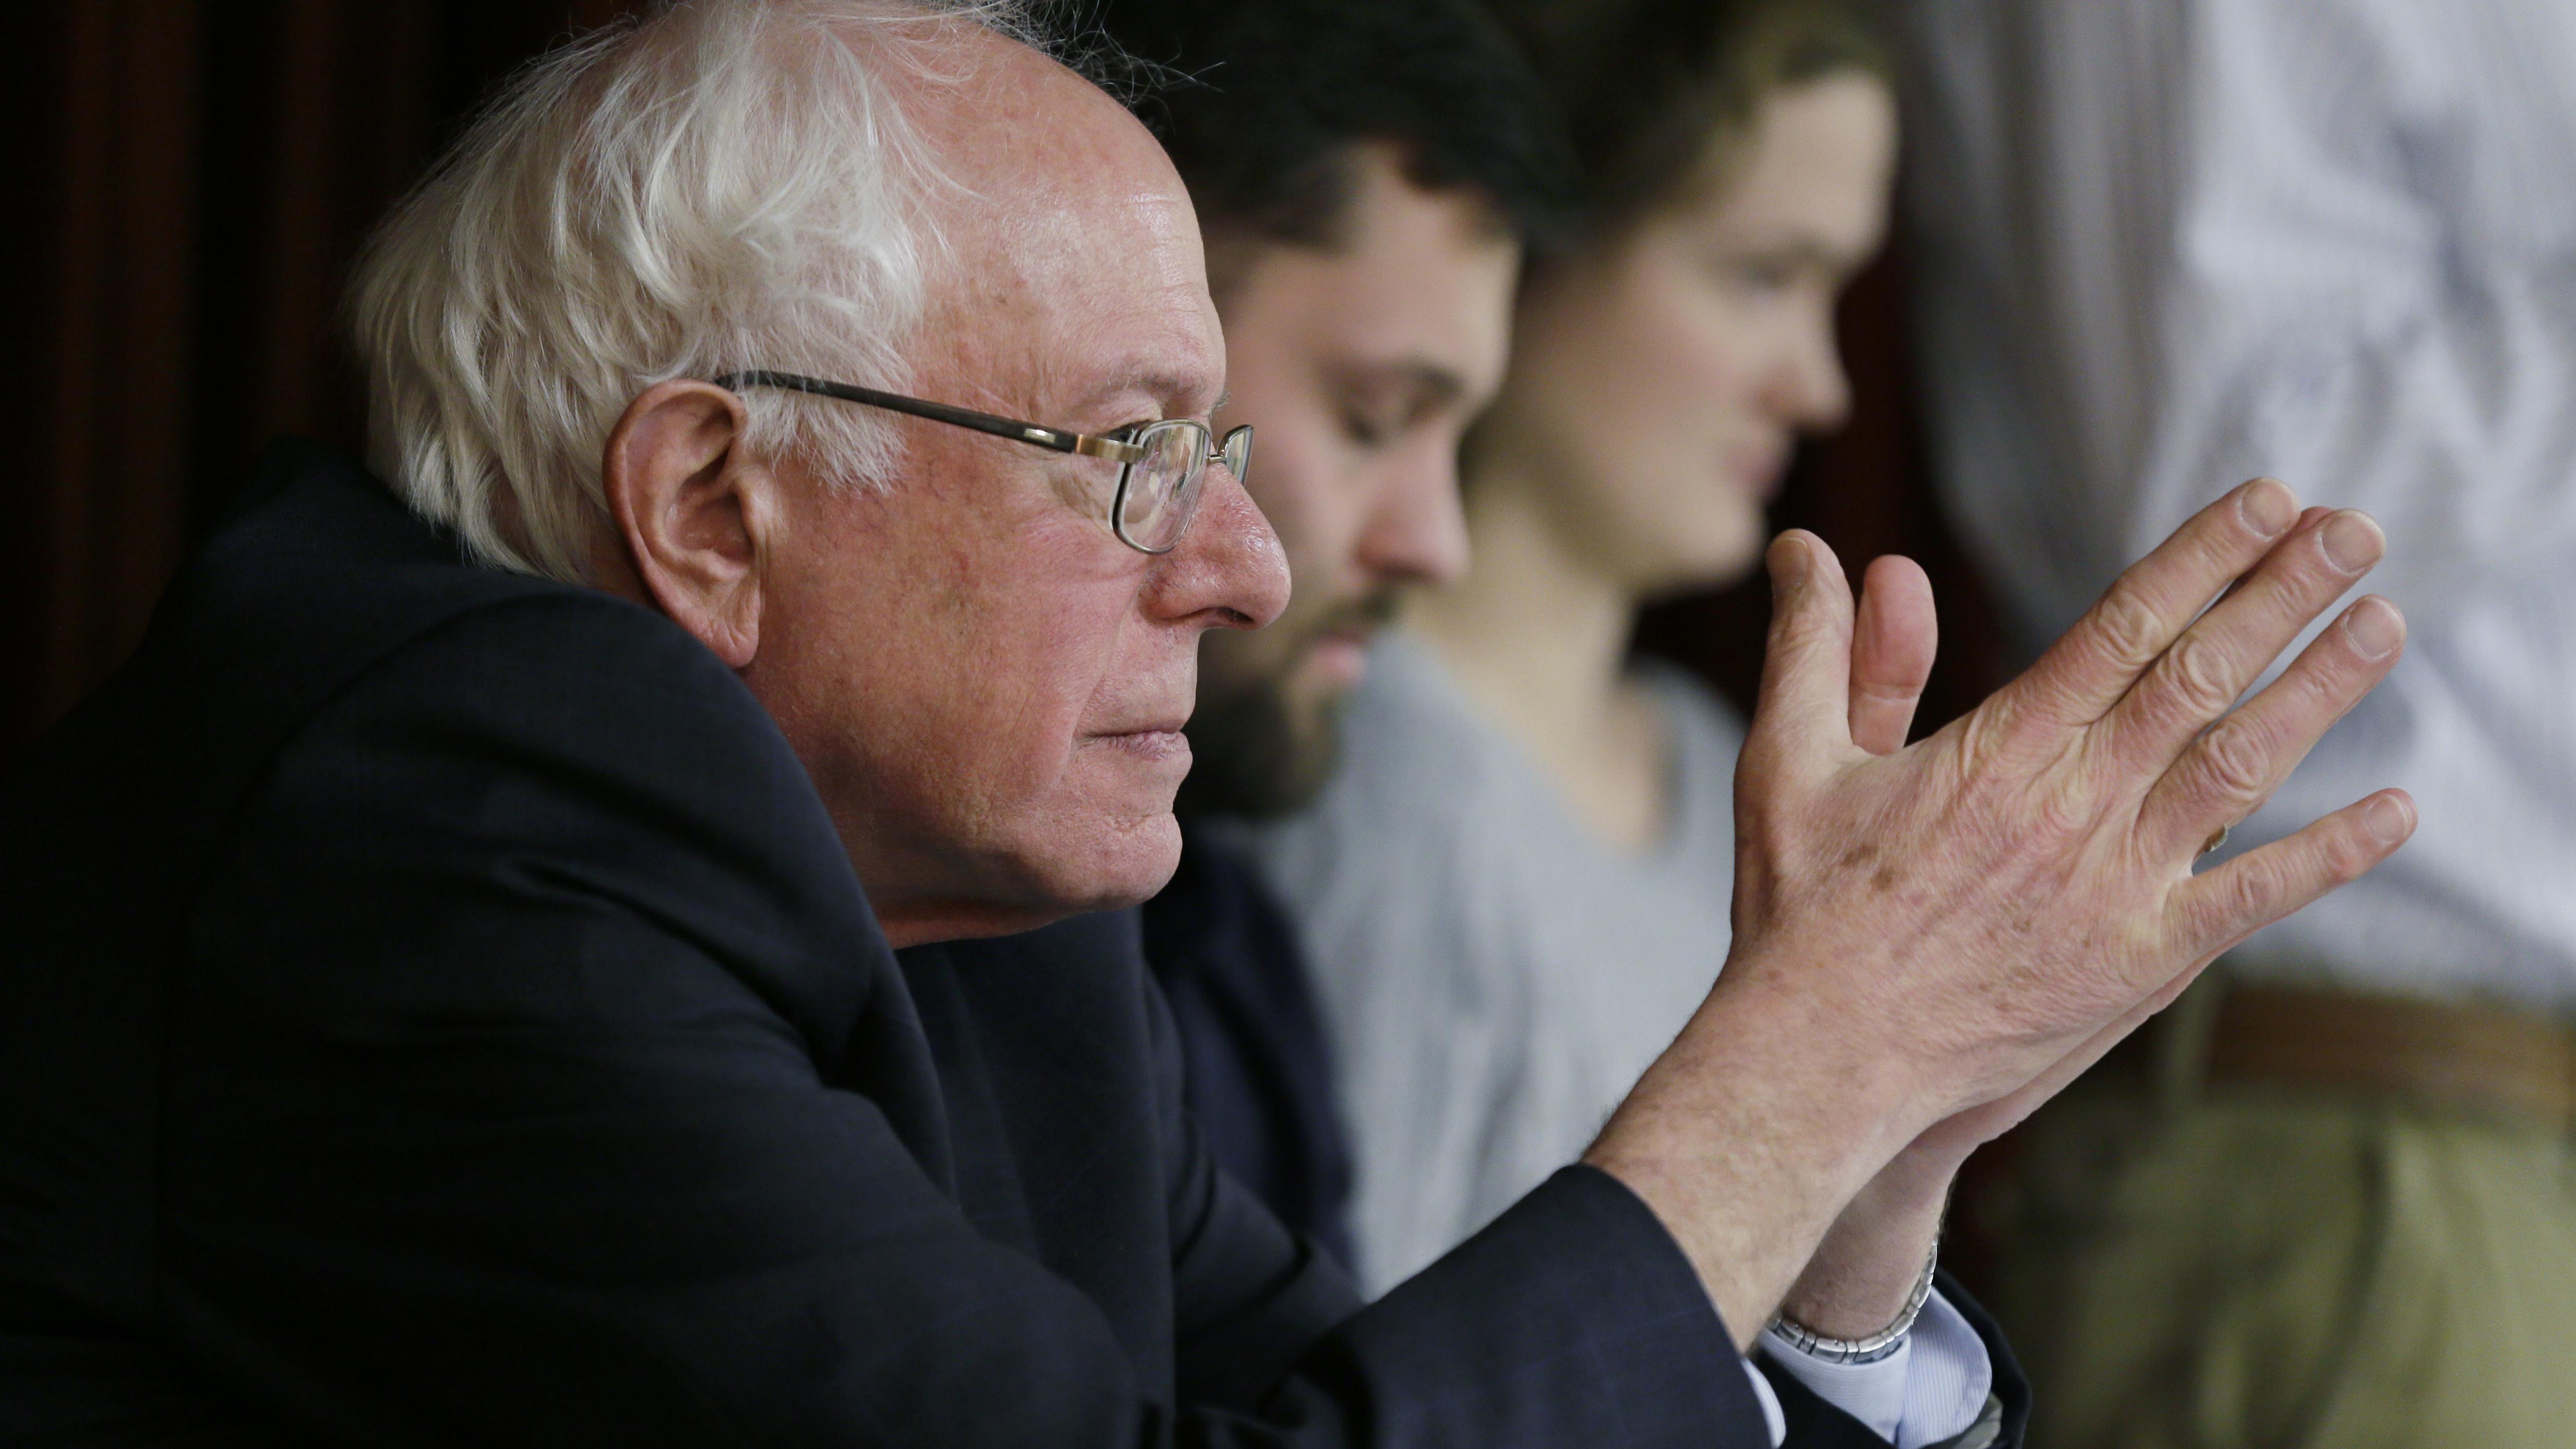 Exactly What Kind Of Socialist Is Bernie Sanders?